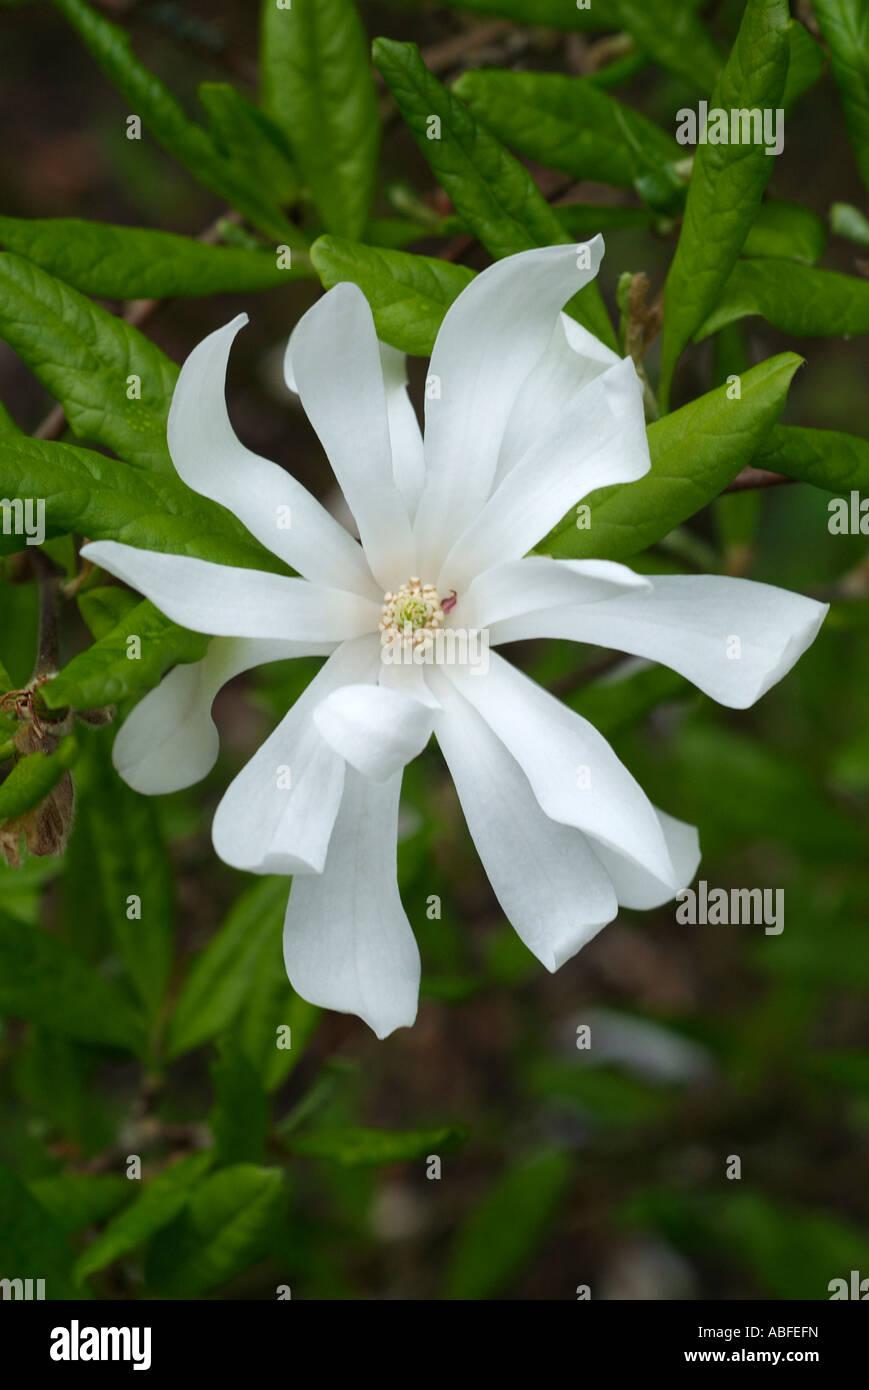 Magnolia stelata arbuste arbre woody bois étoile blanche fleur de ressort fleur pétale de fleur fleur fleur allongée Banque D'Images